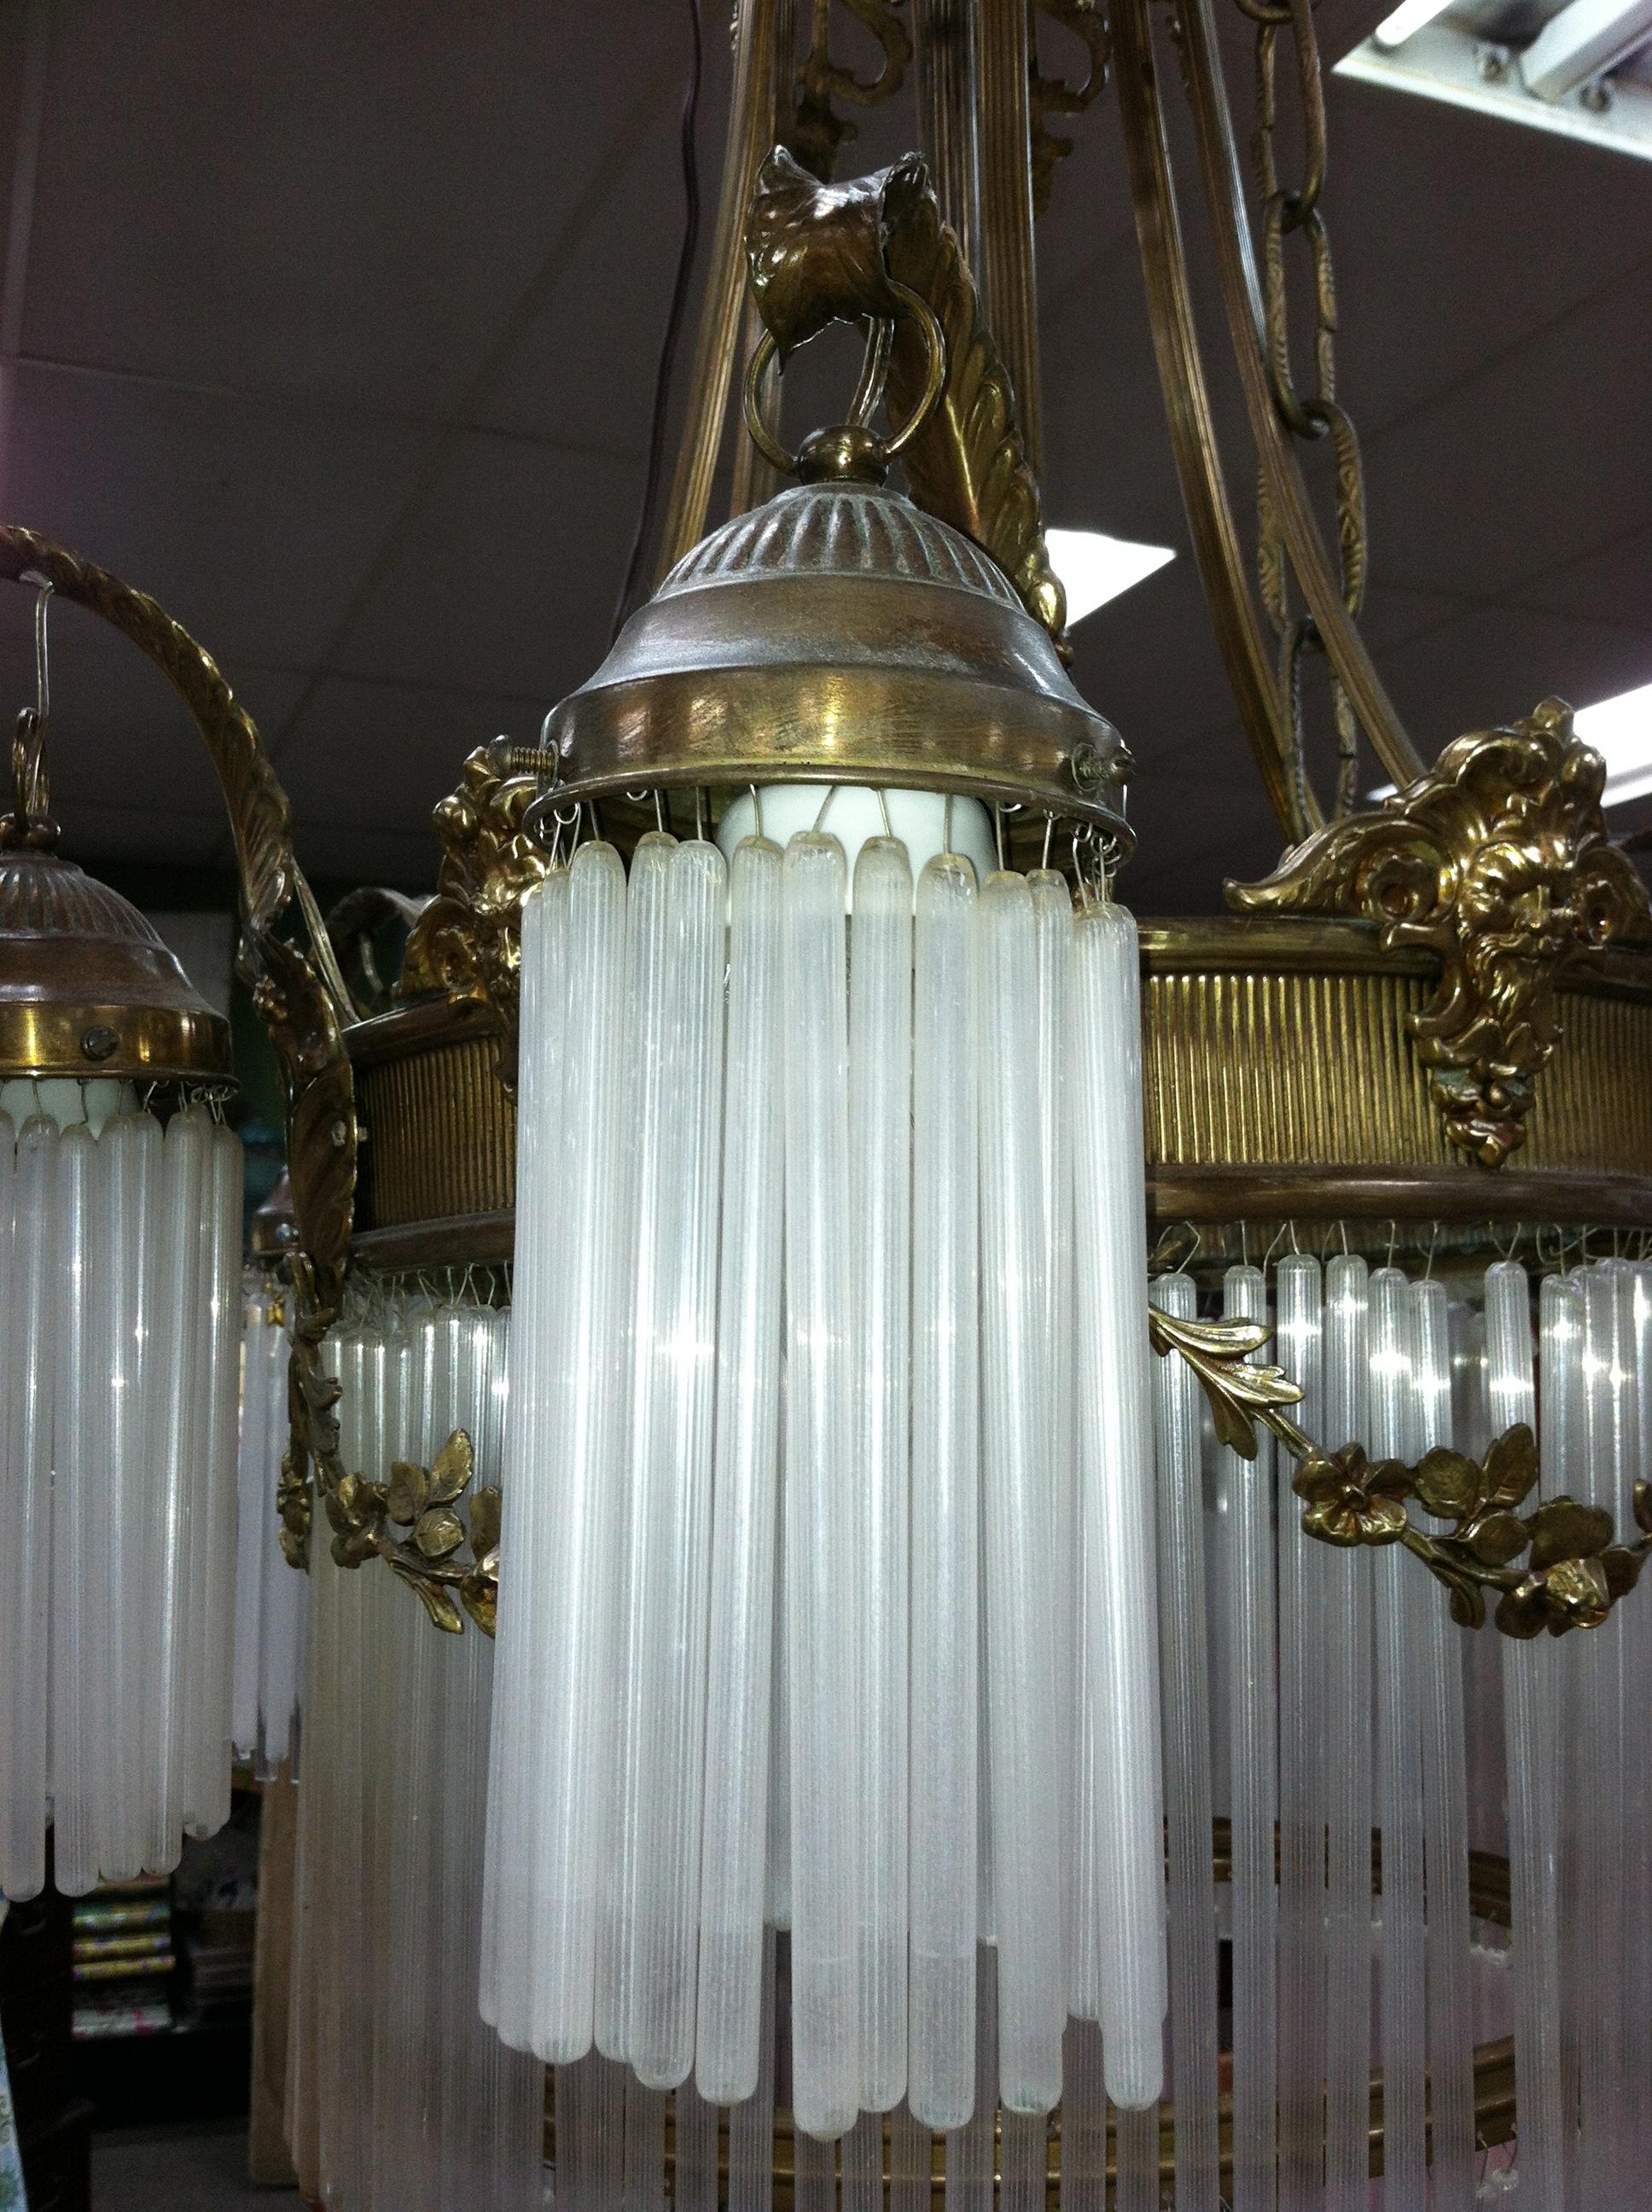 Antique art nouveau chandelier musethecollective antique art nouveau chandelier musethecollective arubaitofo Gallery